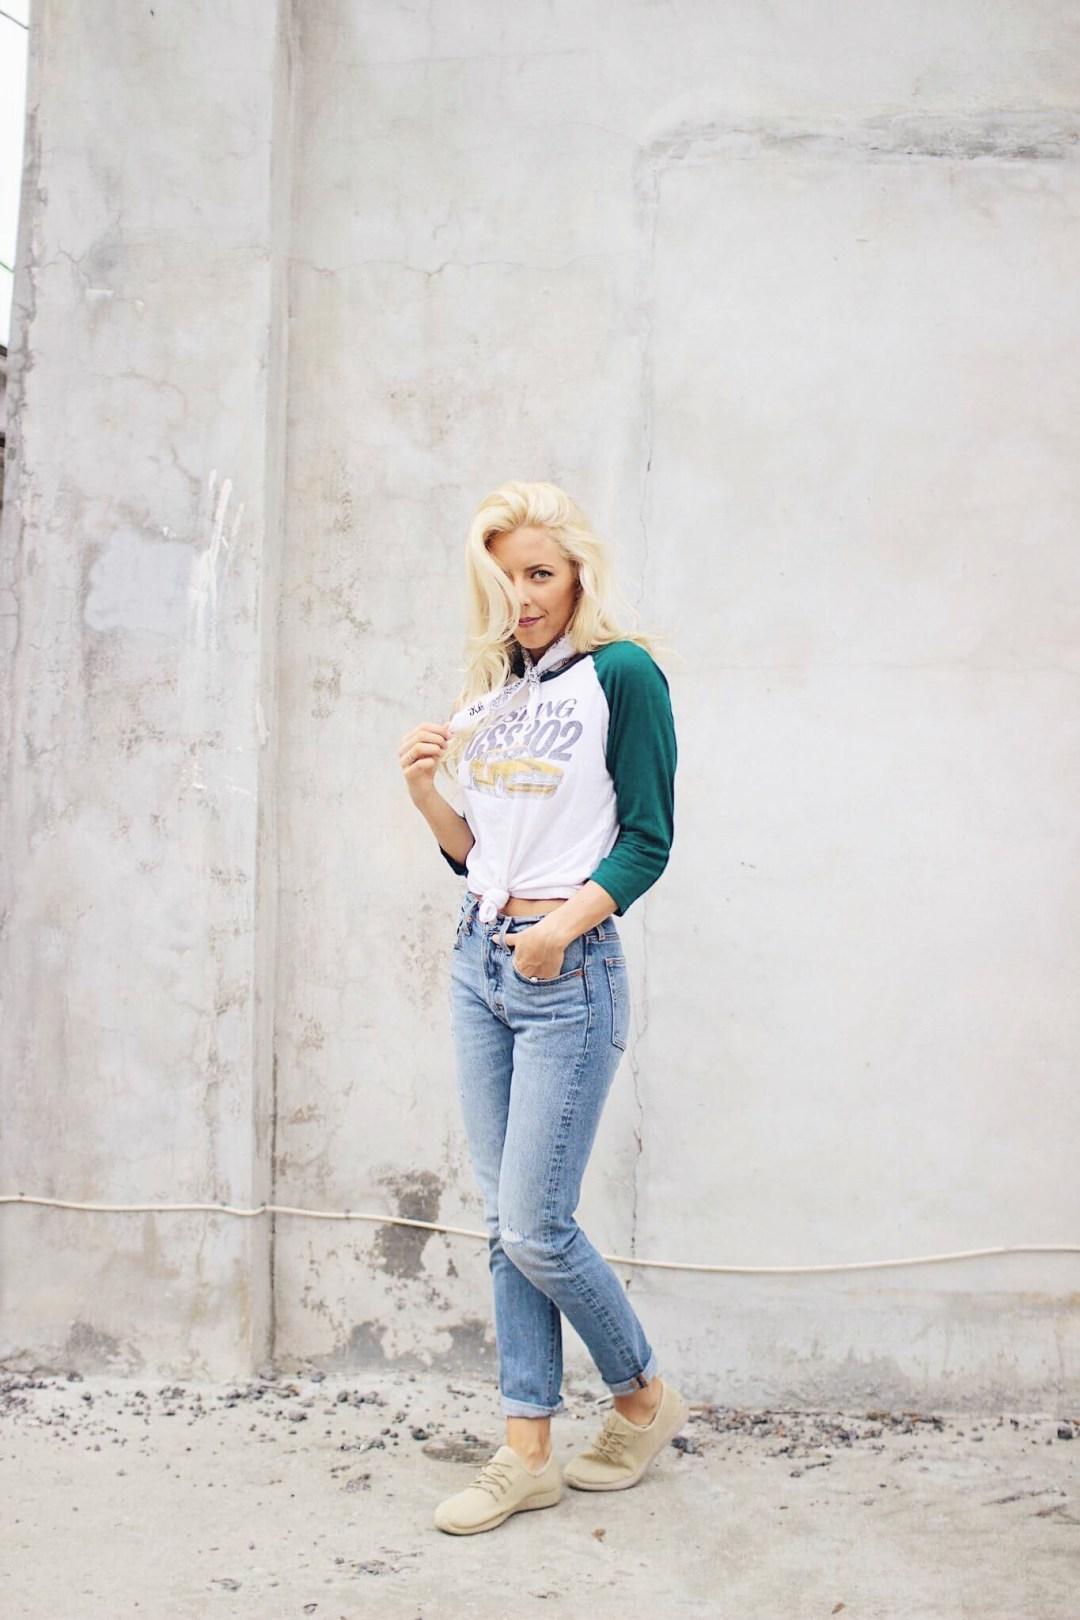 Oli Rose Design, Bandana, Bandana outfit, Charleston Blogger, 501 Levis